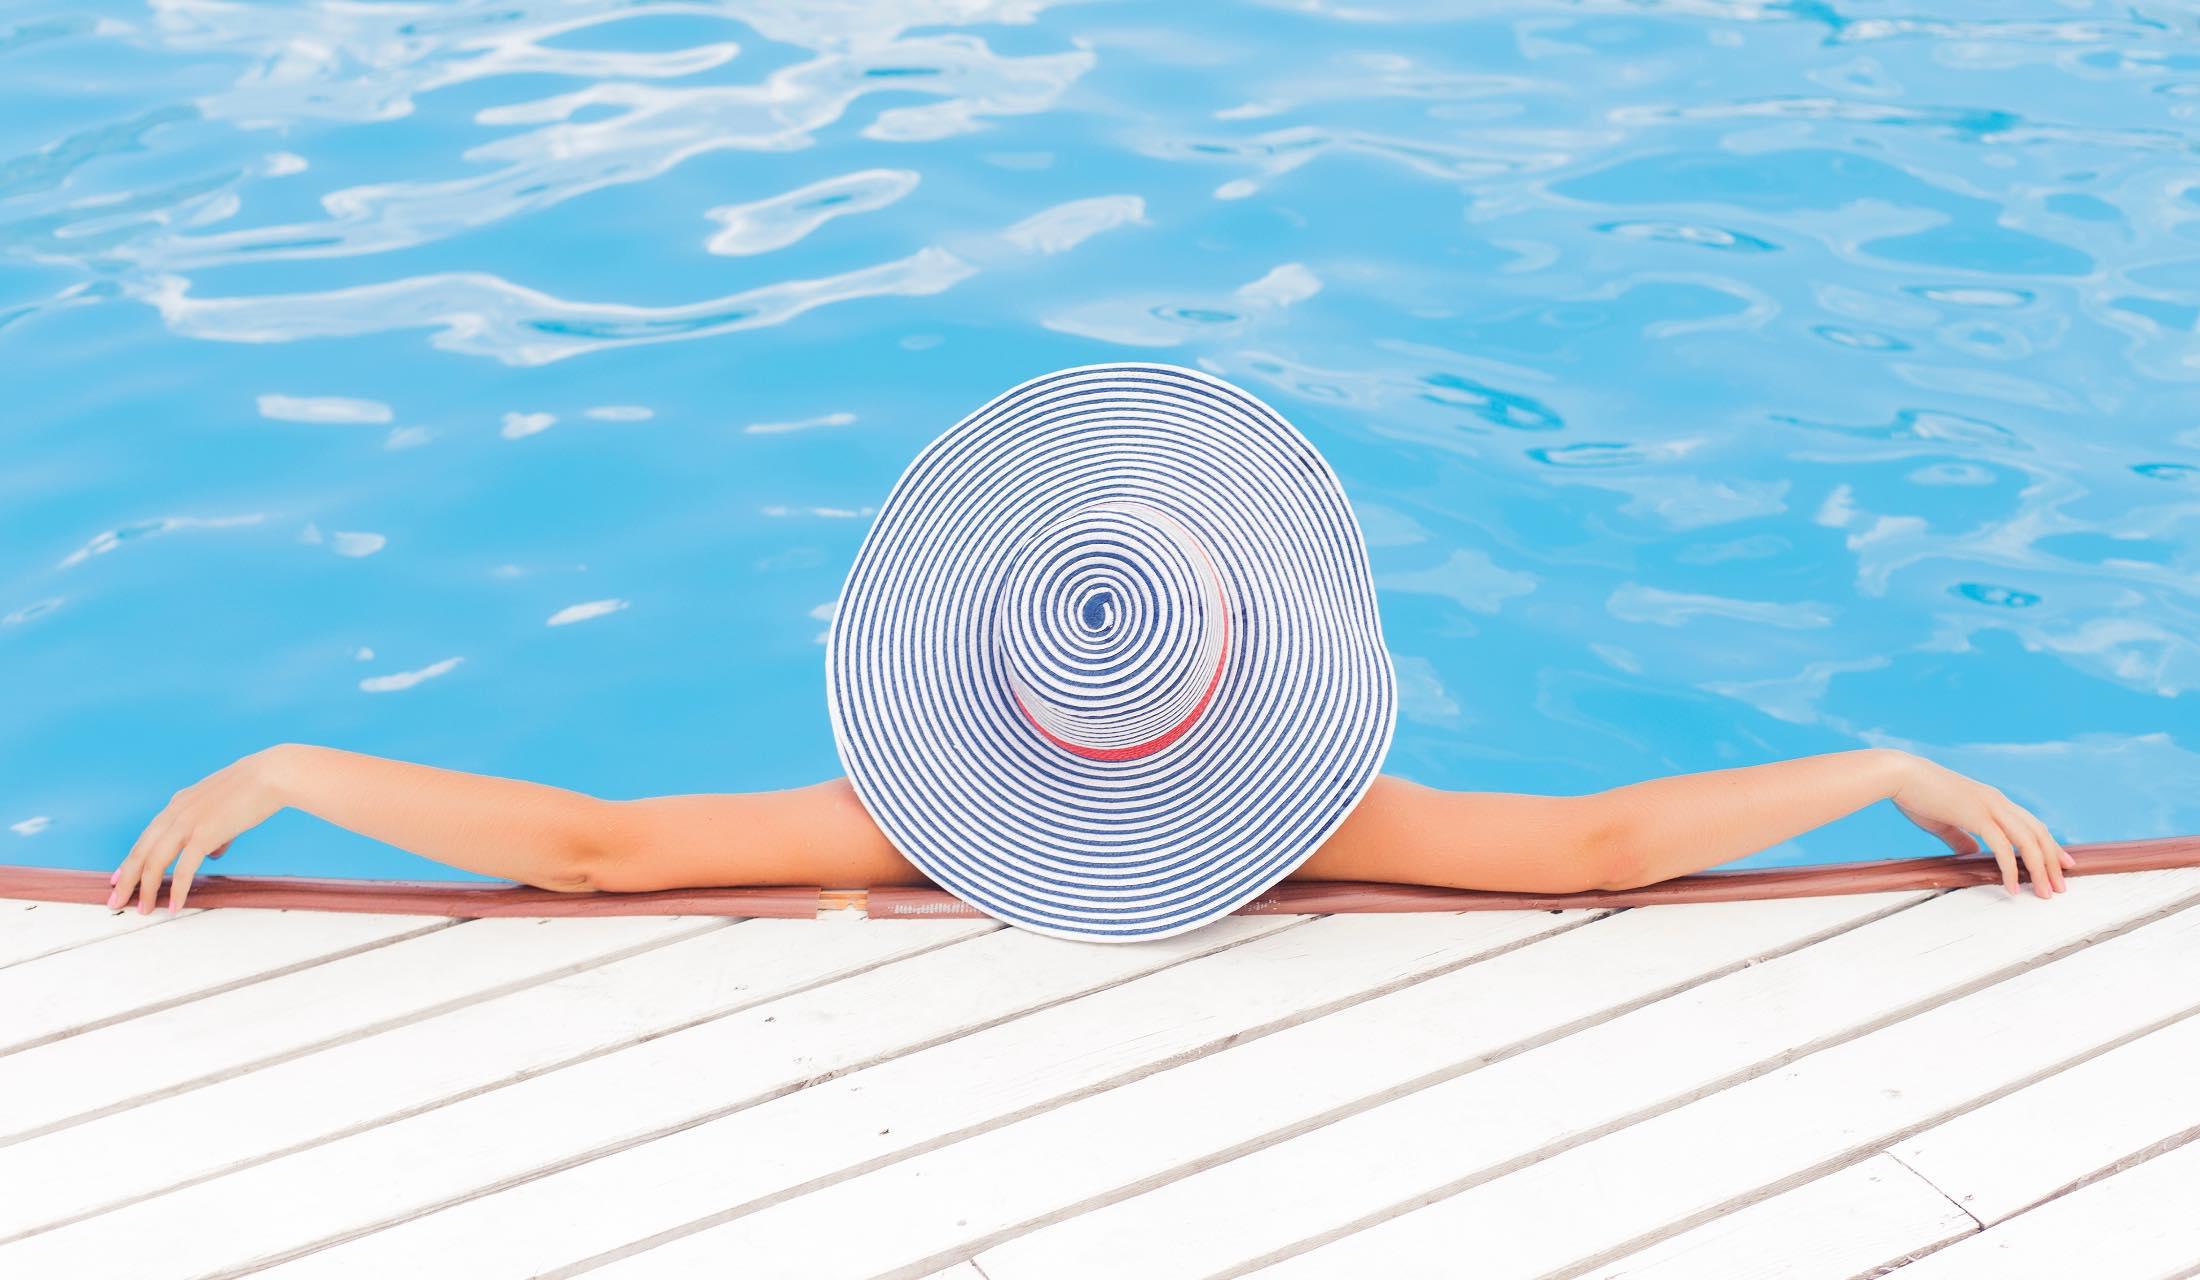 プールサイドで両手を広げて帽子をかぶっている女性